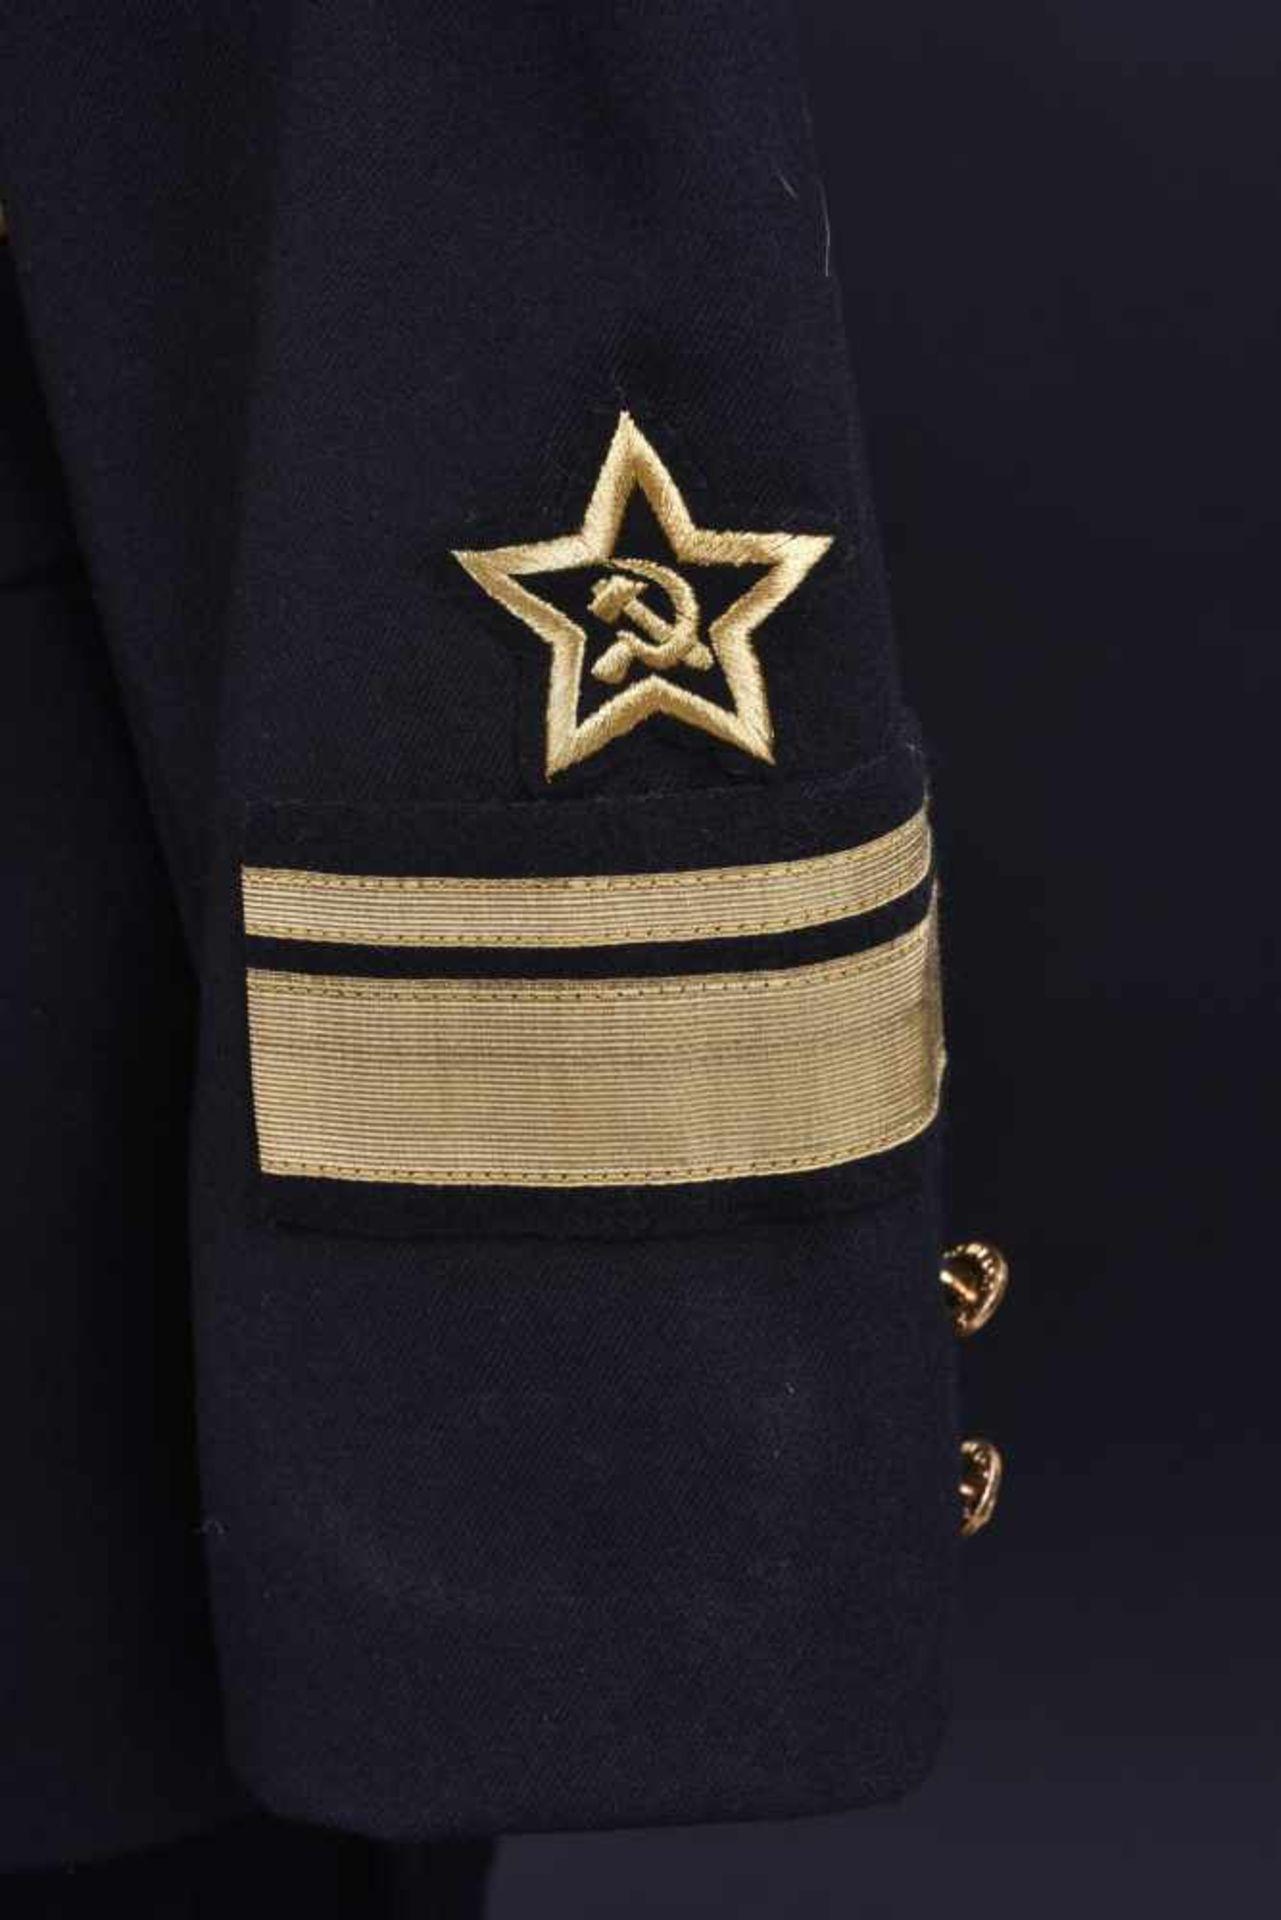 Uniforme de Contre amirale soviétique, année 1975 Vareuse en tissu noir, grades de col brodés en fil - Bild 3 aus 4